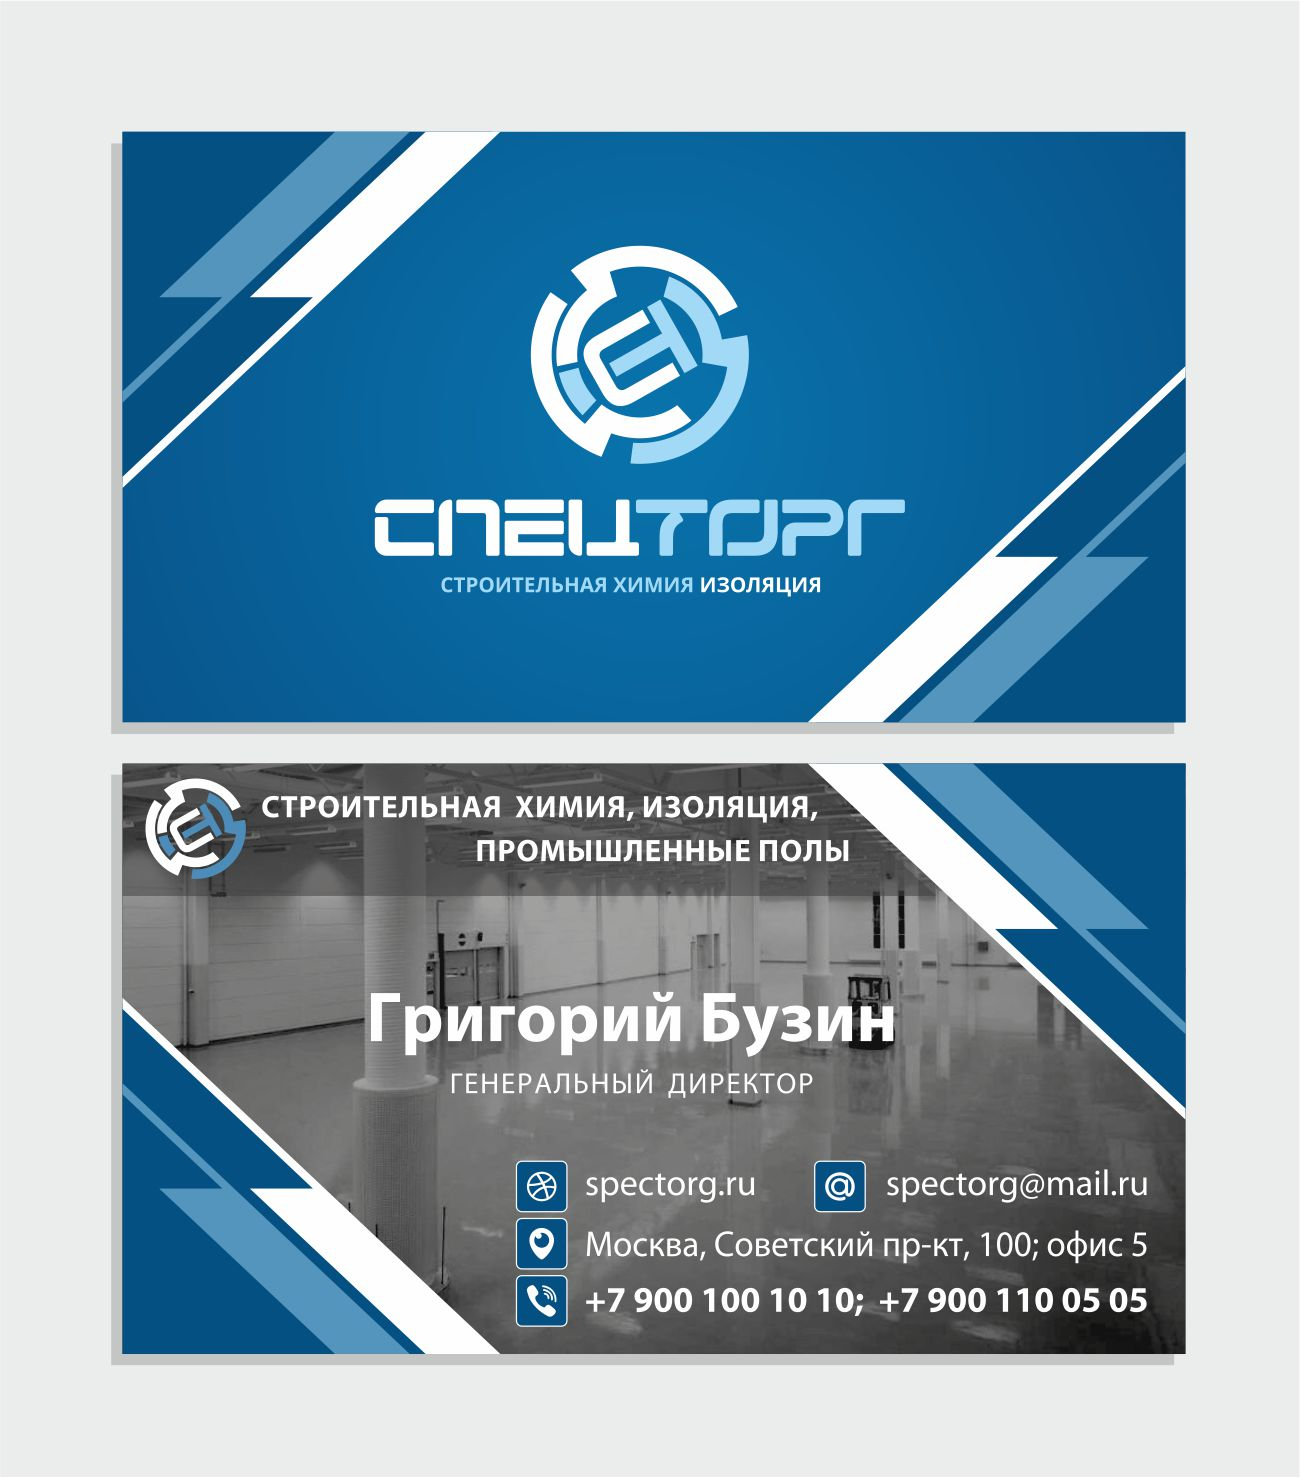 Разработать дизайн  логотипа компании фото f_9315dc41ee00060c.jpg